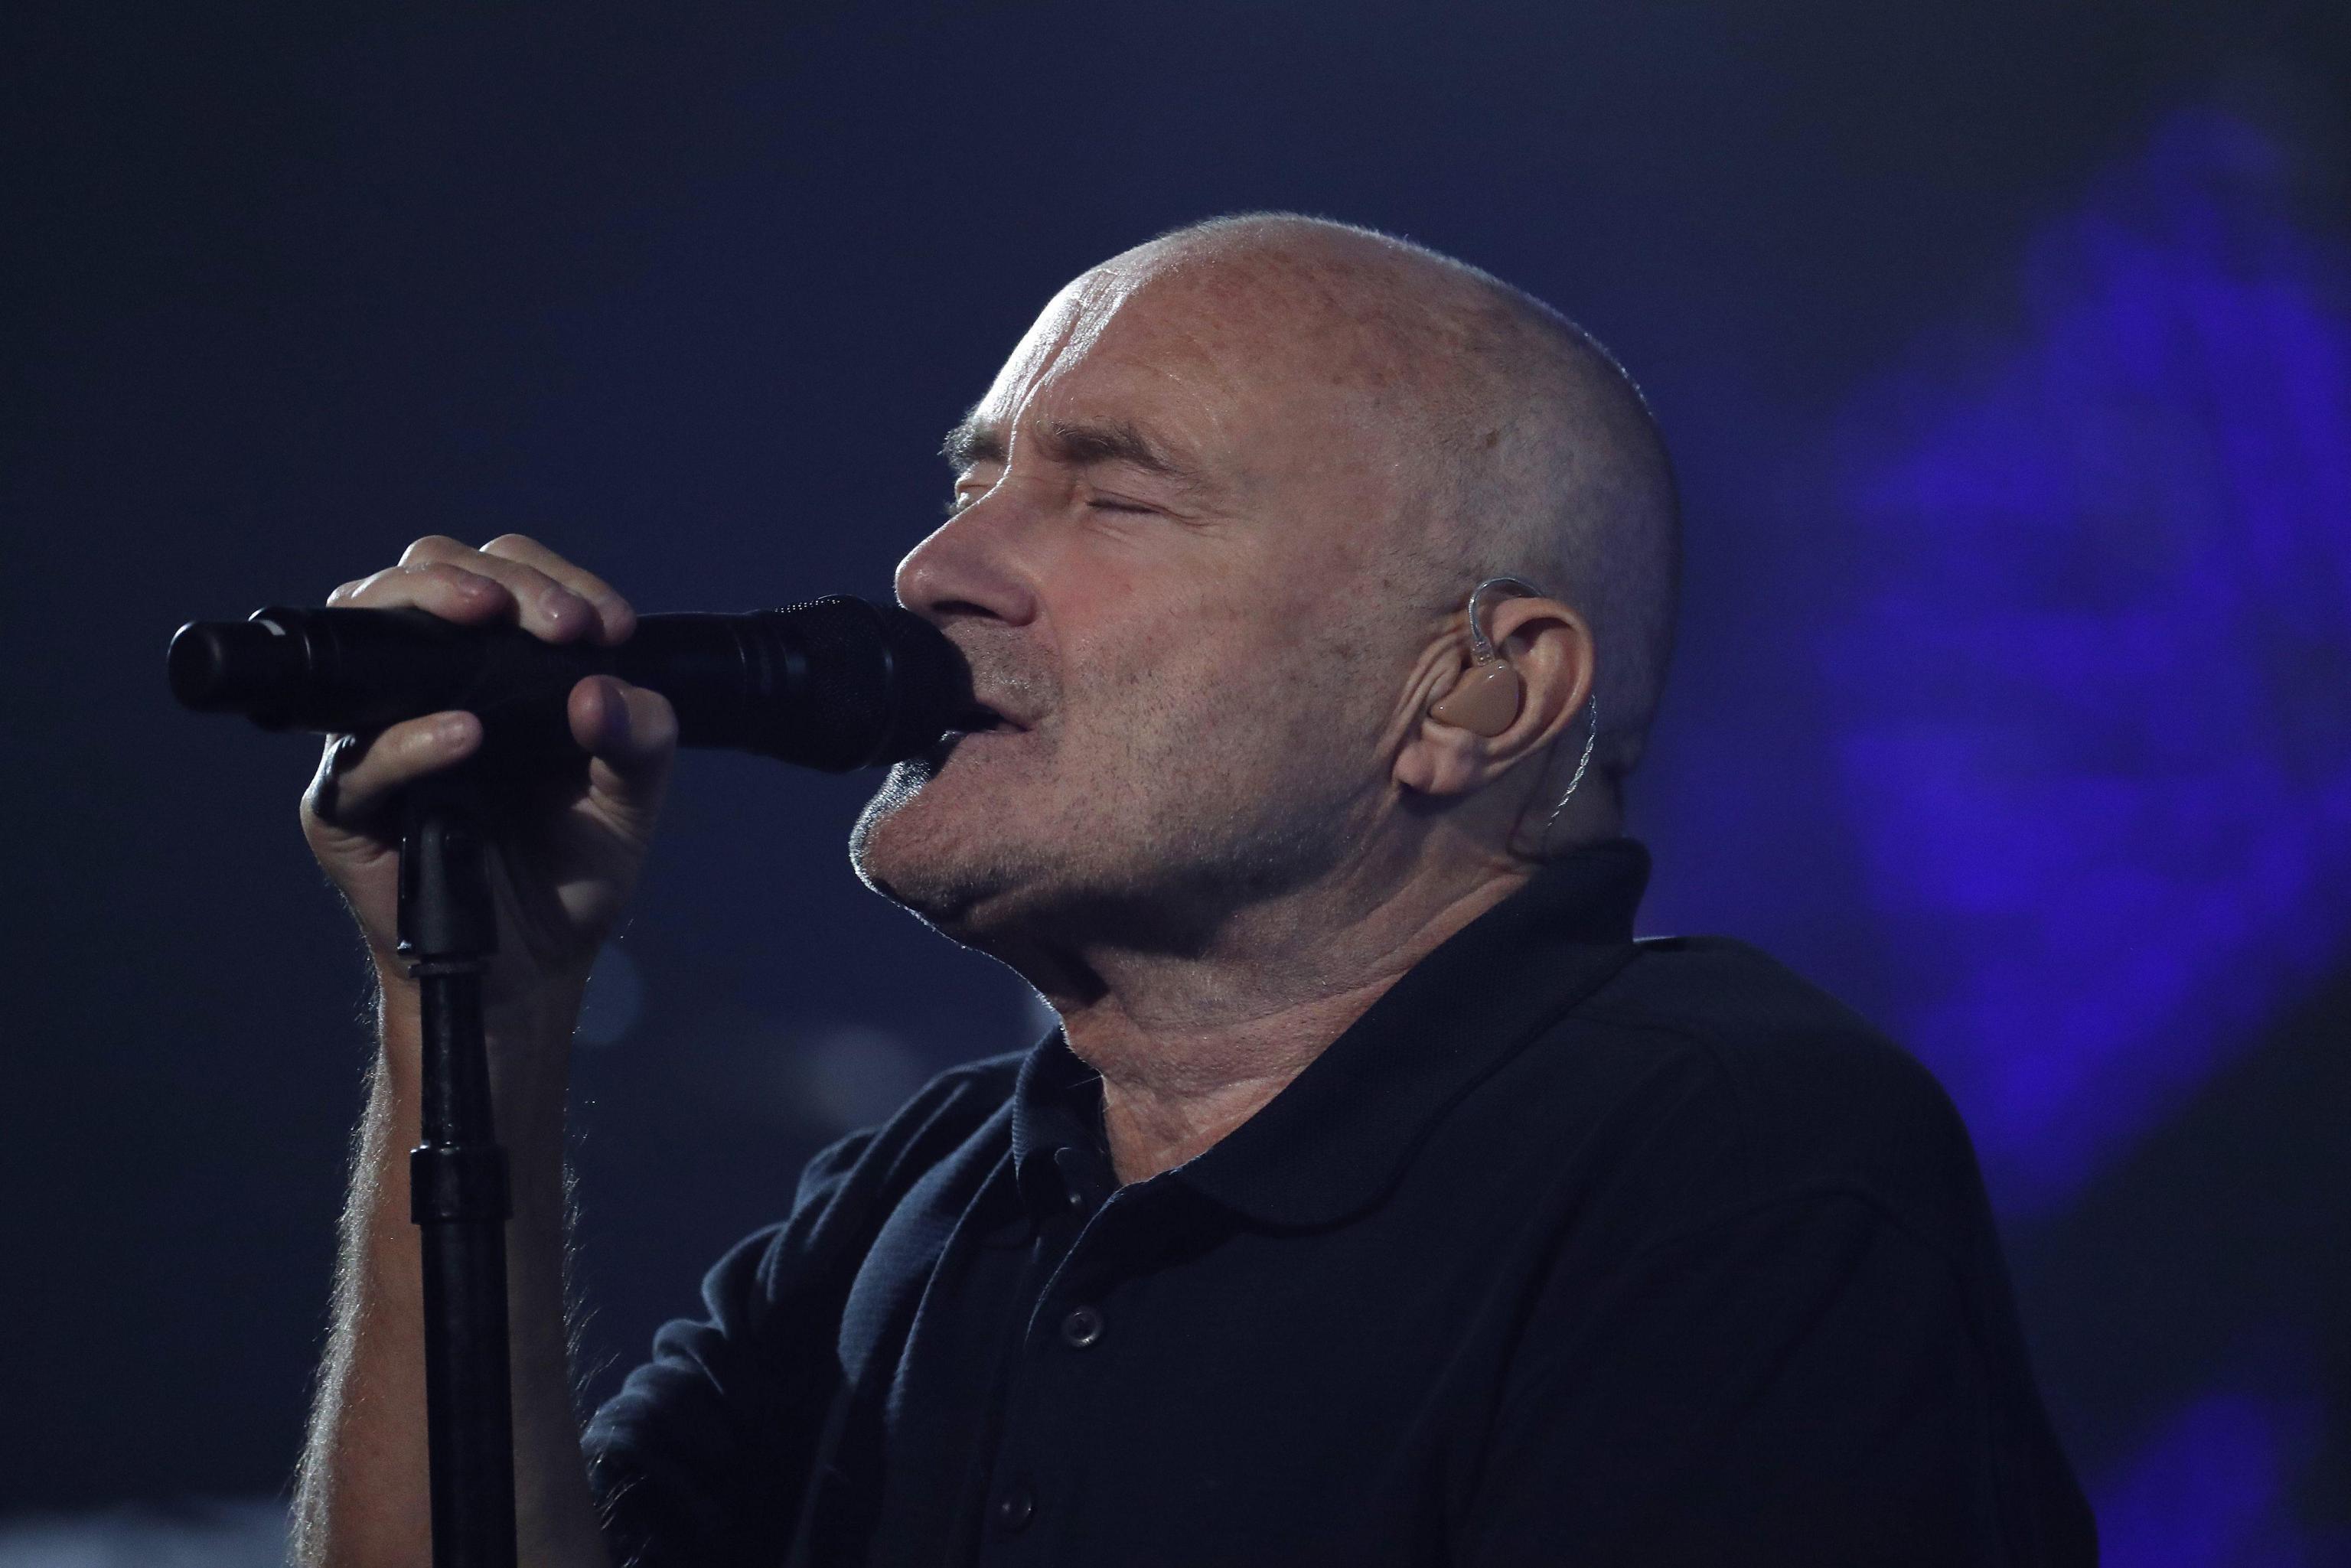 Phil Collins arrestato e poi rilasciato a Rio de Janeiro: era senza visto